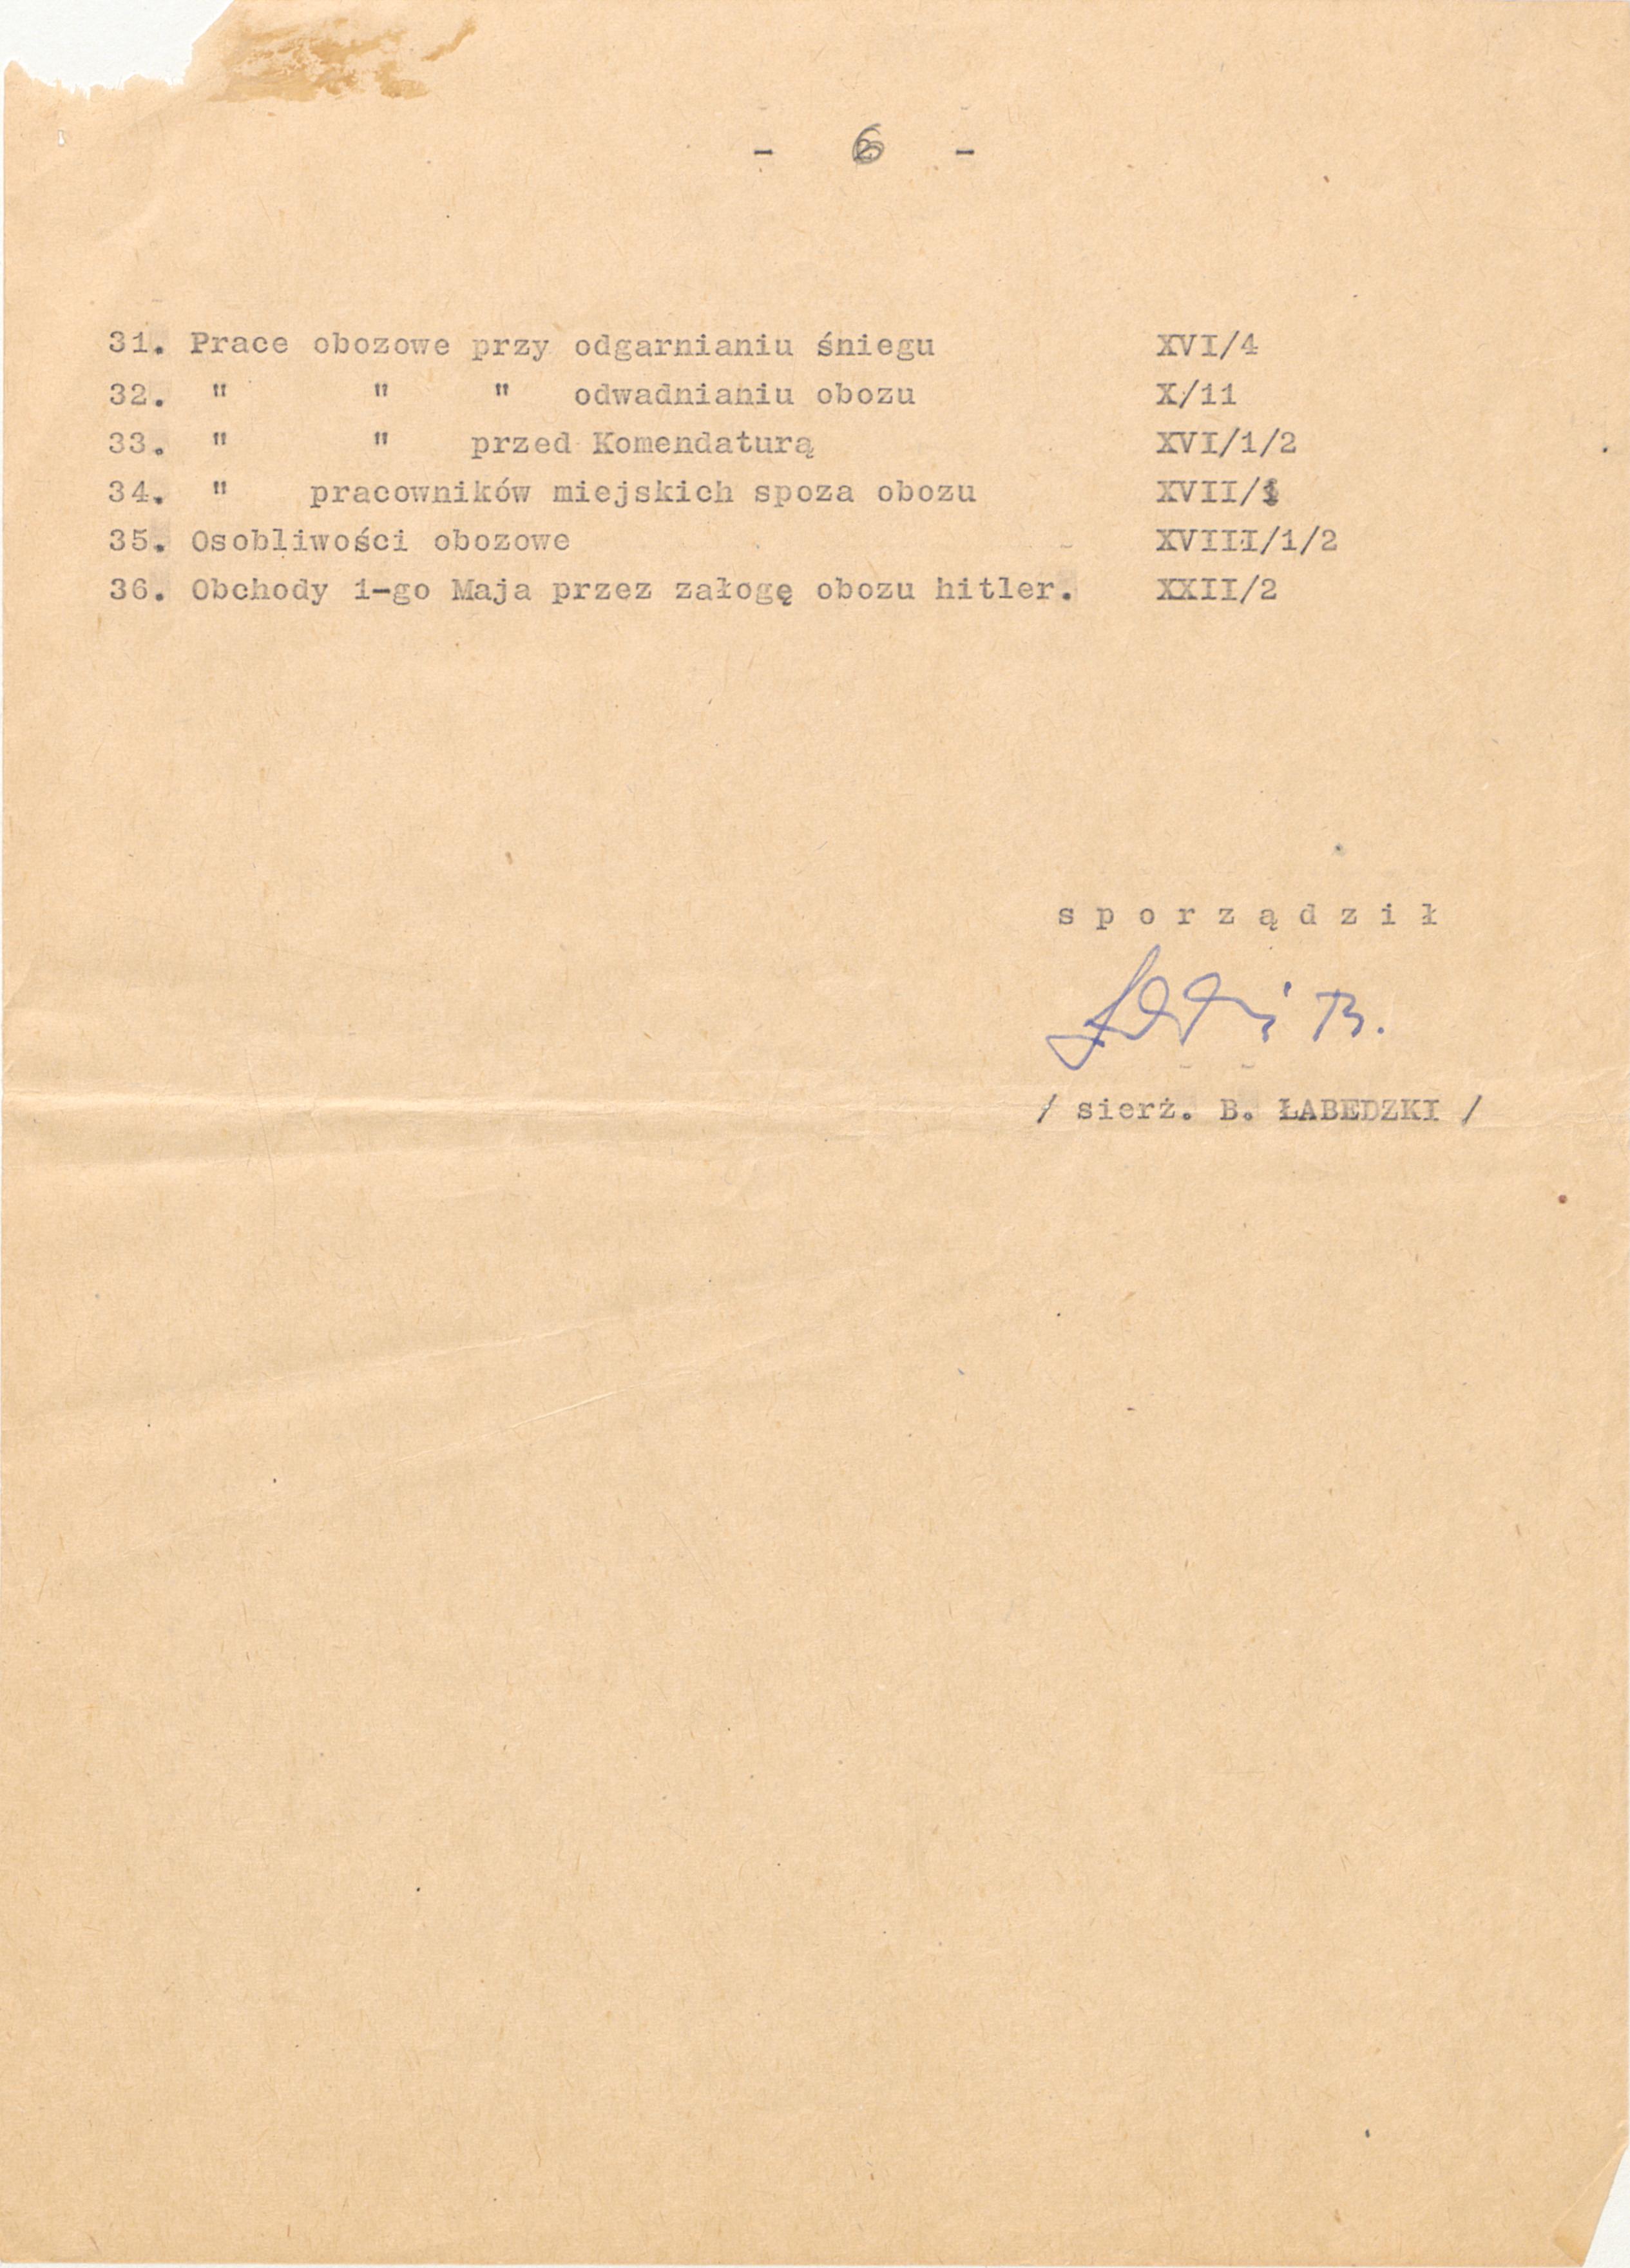 Niemiecki nazistowski obóz przesiedleńczy, działających w latach 1939-1940, zorganizowany dla ludności wysiedlanej z terenu Poznania i Wielkopolski. Na pomieszczenia obozowe wybrano zabudowania położone na Głównej przy ul. Bałtyckiej, gdzie do września 1939 roku mieściły się magazyny wojskowe. W skład obozu wchodziło pięć baraków (w tym trzy drewniane), a także murowany budynek administracji niemieckiej oraz zabudowania gospodarcze. Cały teren, łącznie z dużym placem, znajdującym się pośrodku, otoczony był potrójnym płotem z drutu kolczastego, a w jego narożnikach stały wieże wartownicze z reflektorami. W okresie od 5 listopada 1939 roku do 20 maja 1940 roku w obozie przejściowym na Głównej osadzonych zostało ok. 33 500 osób, z których 32 986 wywieziono do Generalnego Gubernatorstwa. Było wśród nich 31 424 Polaków, 1112 Żydów oraz 450 Romów. Przy ulicy Bałtyckiej, obok skrzyżowania z ul. Chemiczną i ul. Hlonda stoi głaz upamiętniający przesiedleńców